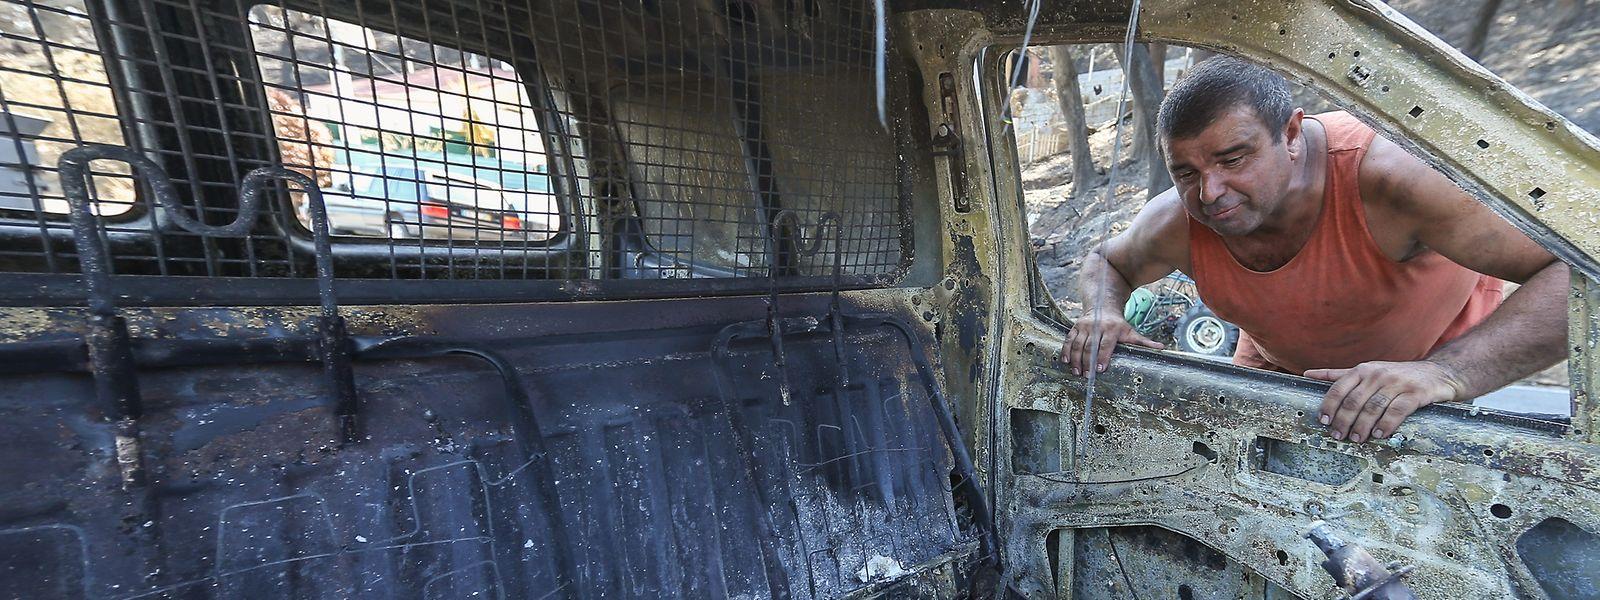 Carlos Inácio foi algemado junto à sua casa por se recusar a sair, as agressões  aconteceram  em Alferce por militares da GNR